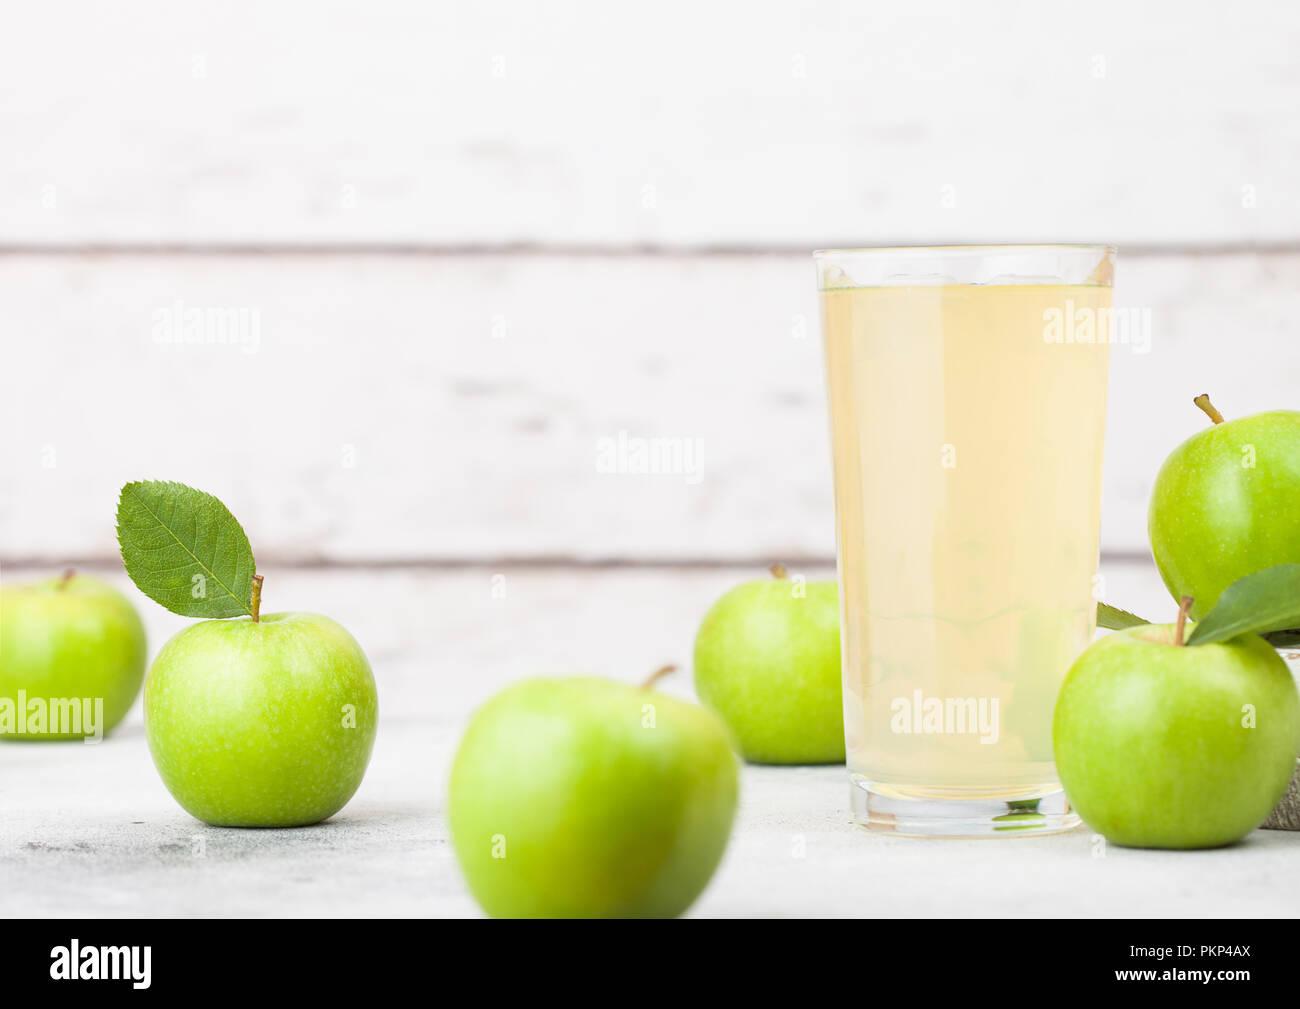 Verre de jus de pomme biologique avec des pommes Granny Smith et la bramley apples in fort sur fond de bois. Banque D'Images